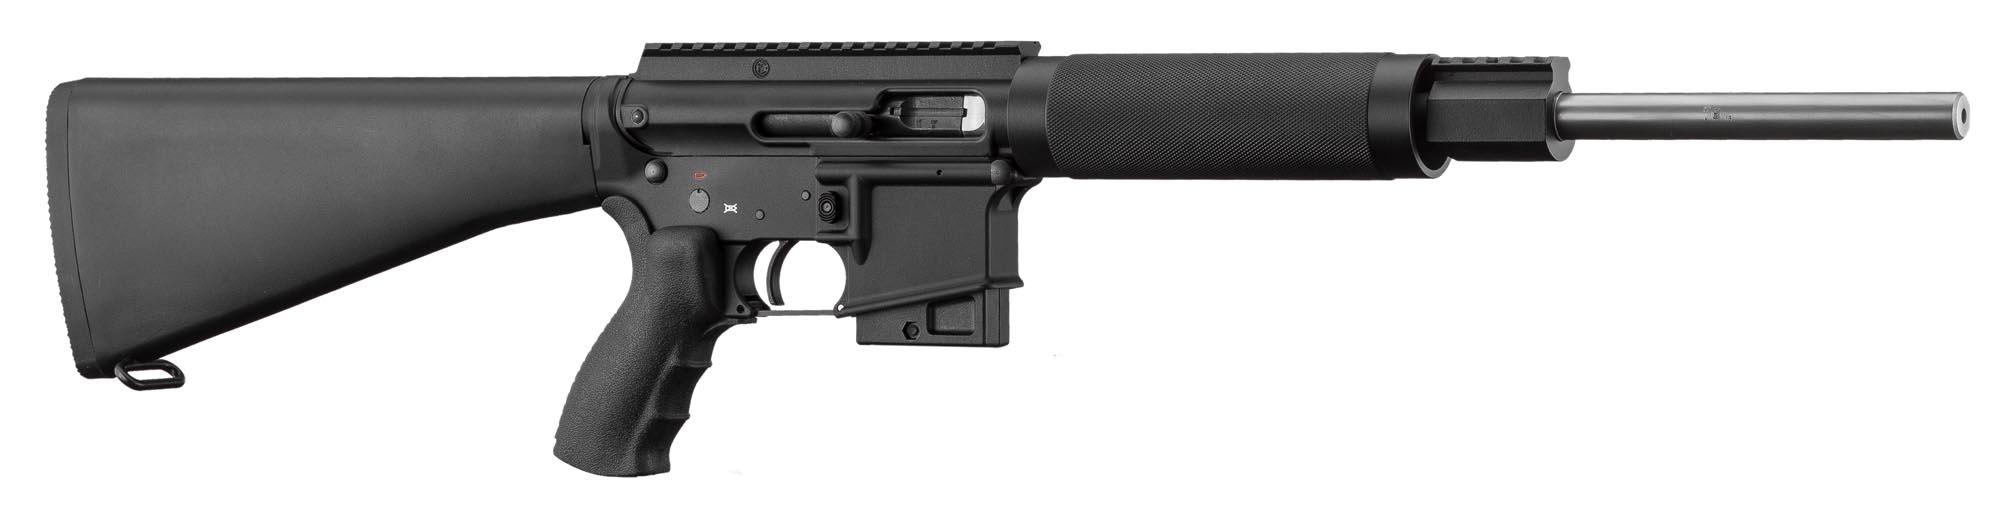 Carabine Schmeisser Ar15 M22f Cal 22lr Schmeisser